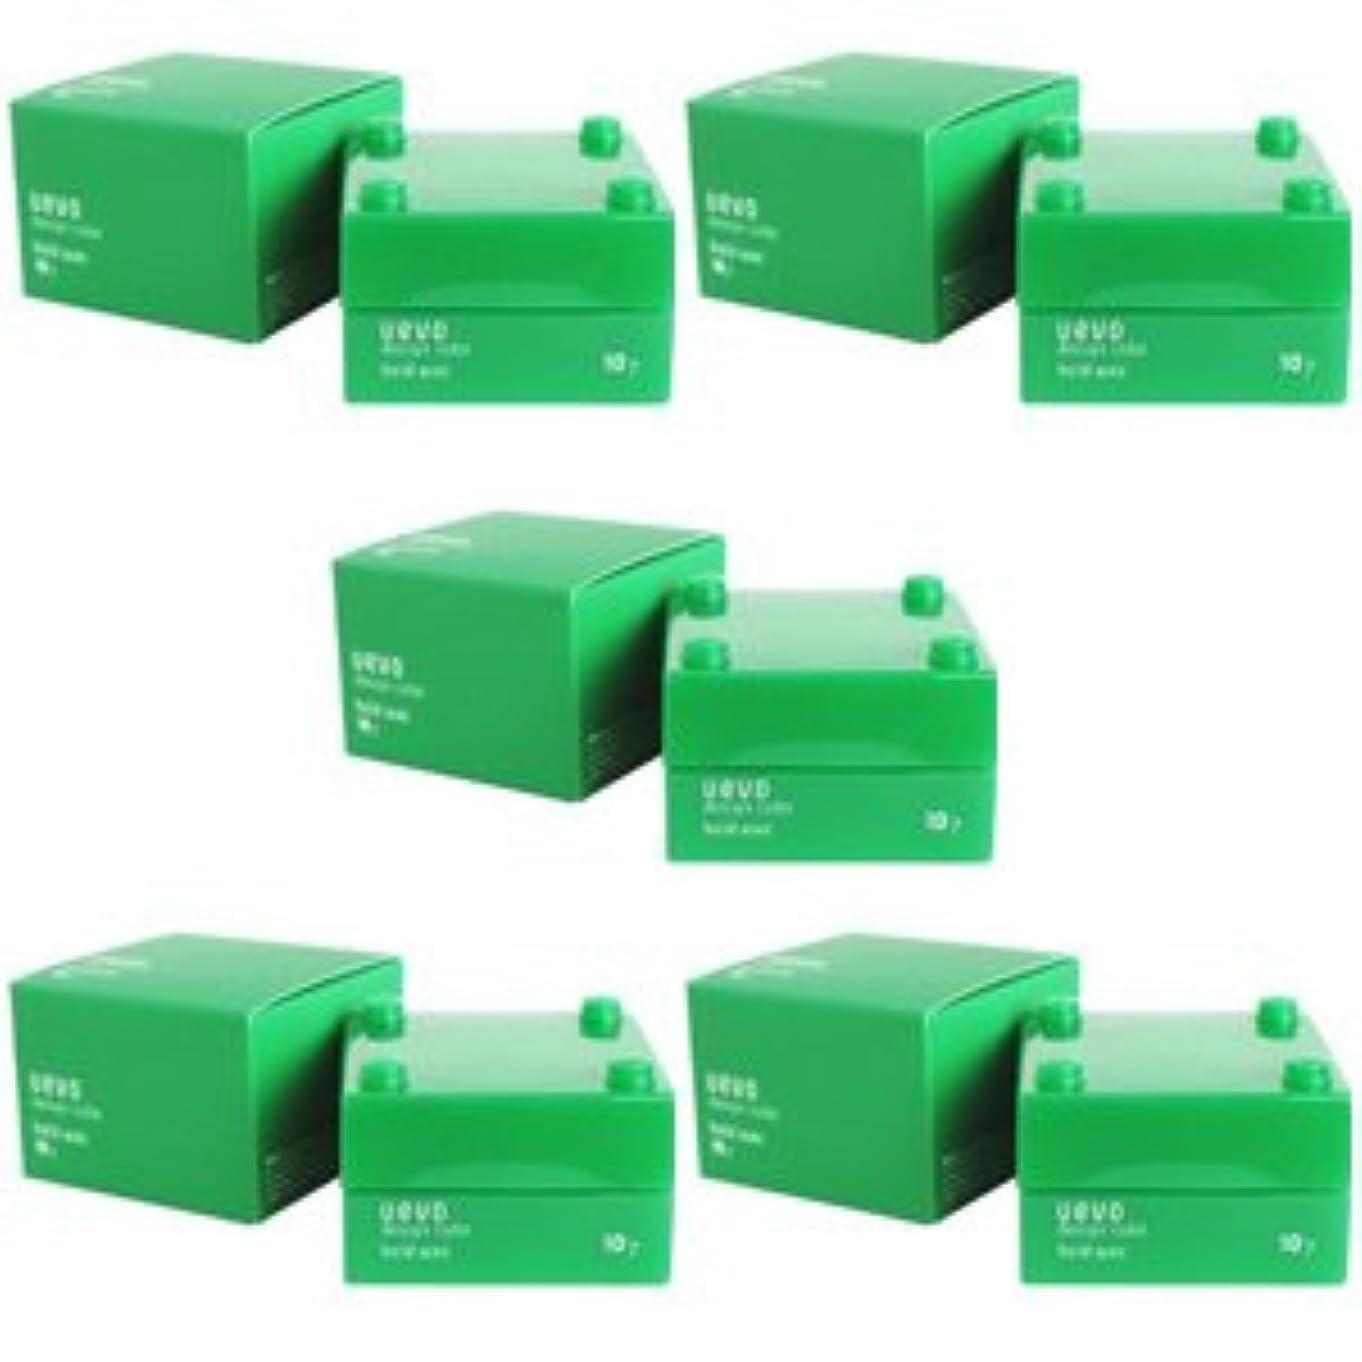 速報復活するハンバーガー【X5個セット】 デミ ウェーボ デザインキューブ ホールドワックス 30g hold wax DEMI uevo design cube